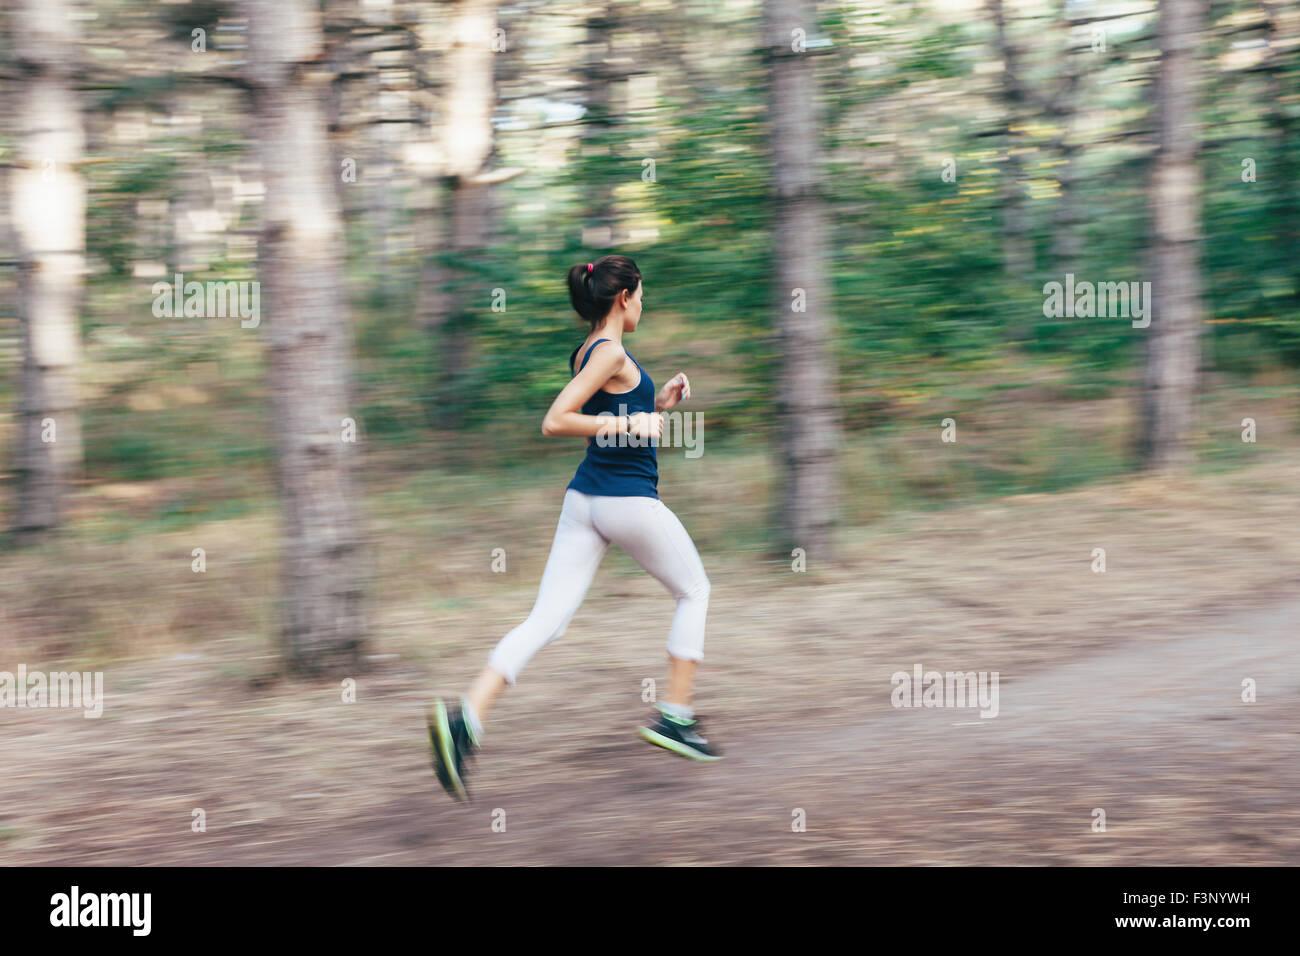 Mujer joven corriendo en un camino rural al atardecer en otoño del bosque. Antecedentes deportivos en el estilo Imagen De Stock